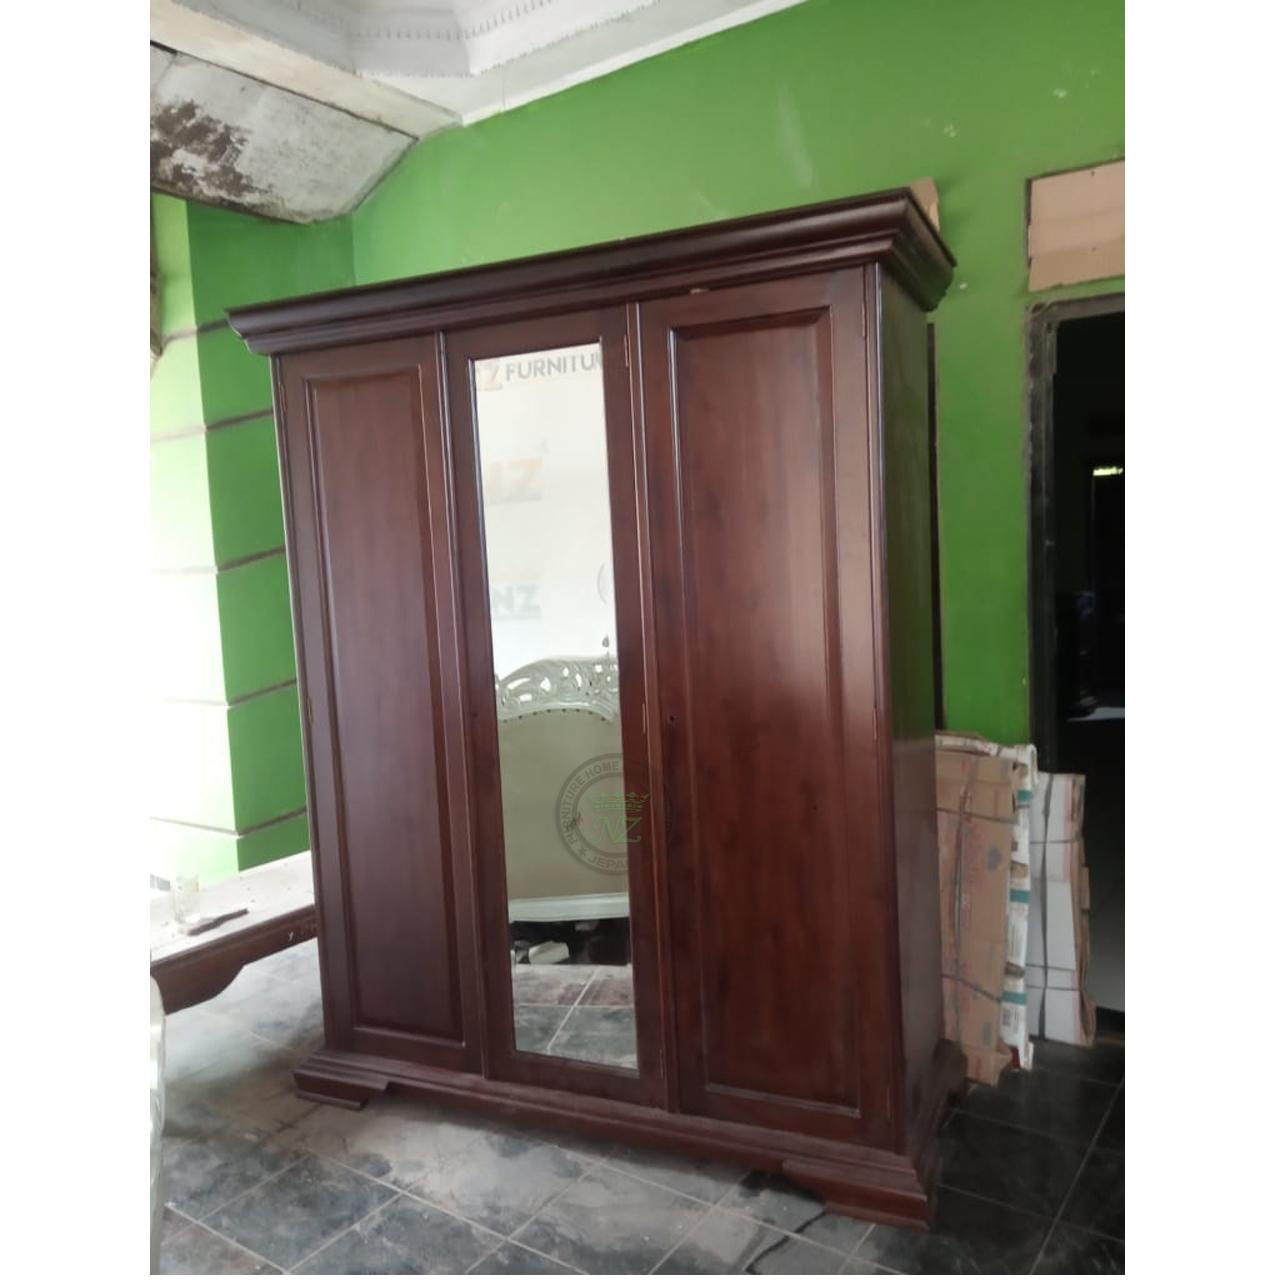 Lemari 3 Pintu Kayu Jati Harga Terbaru 2020 Nz Furniture Jepara Harga lemari 3 pintu